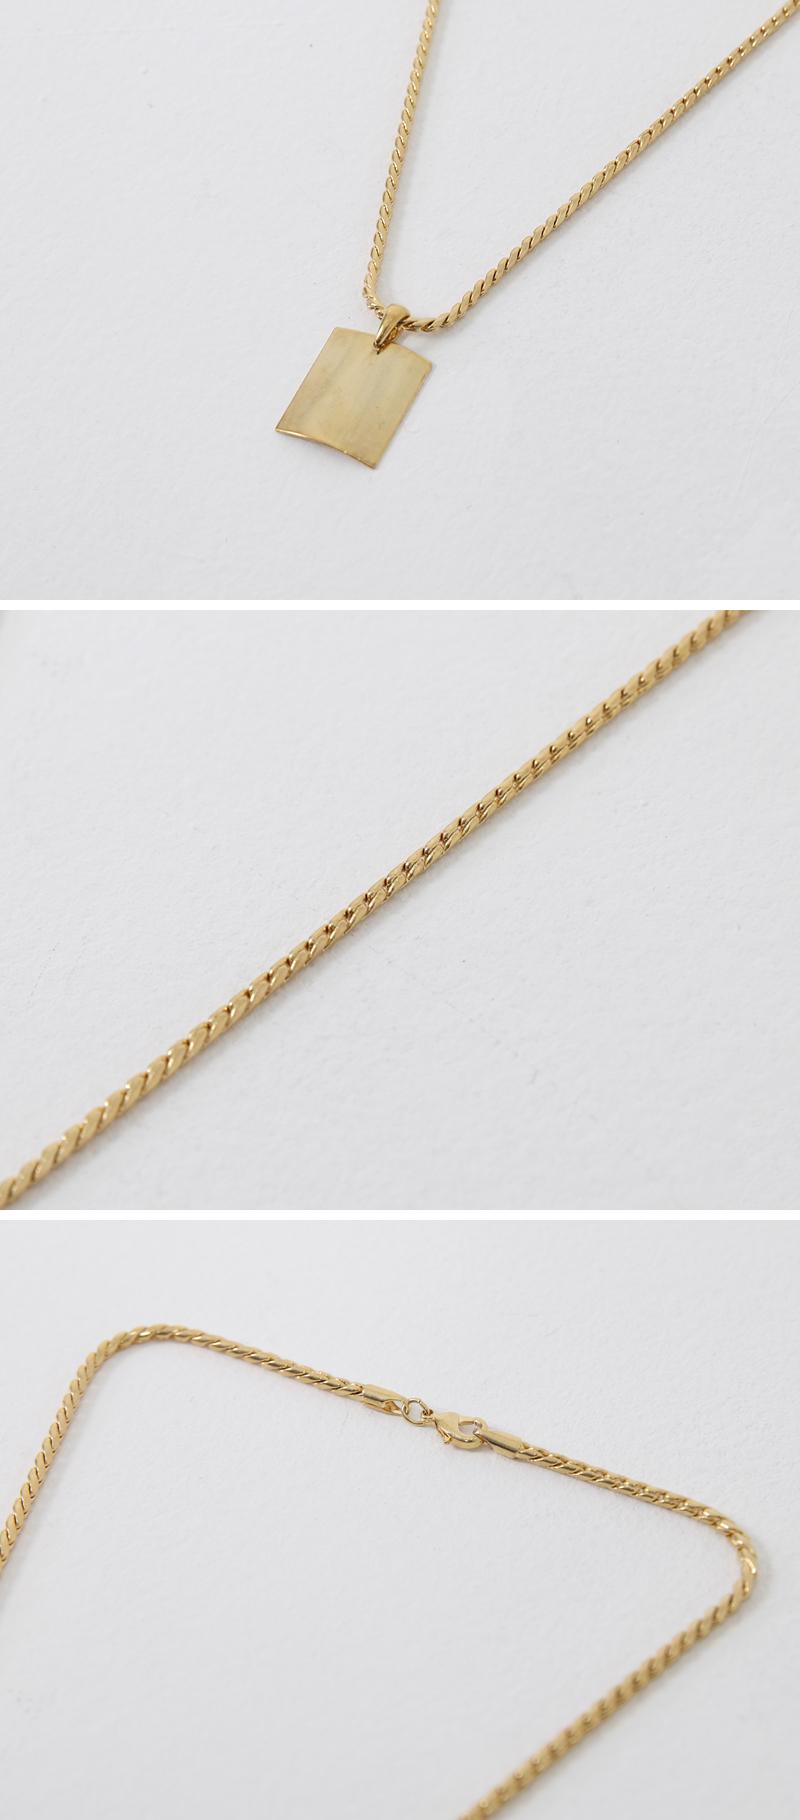 Oblong Pendant Chain Necklace